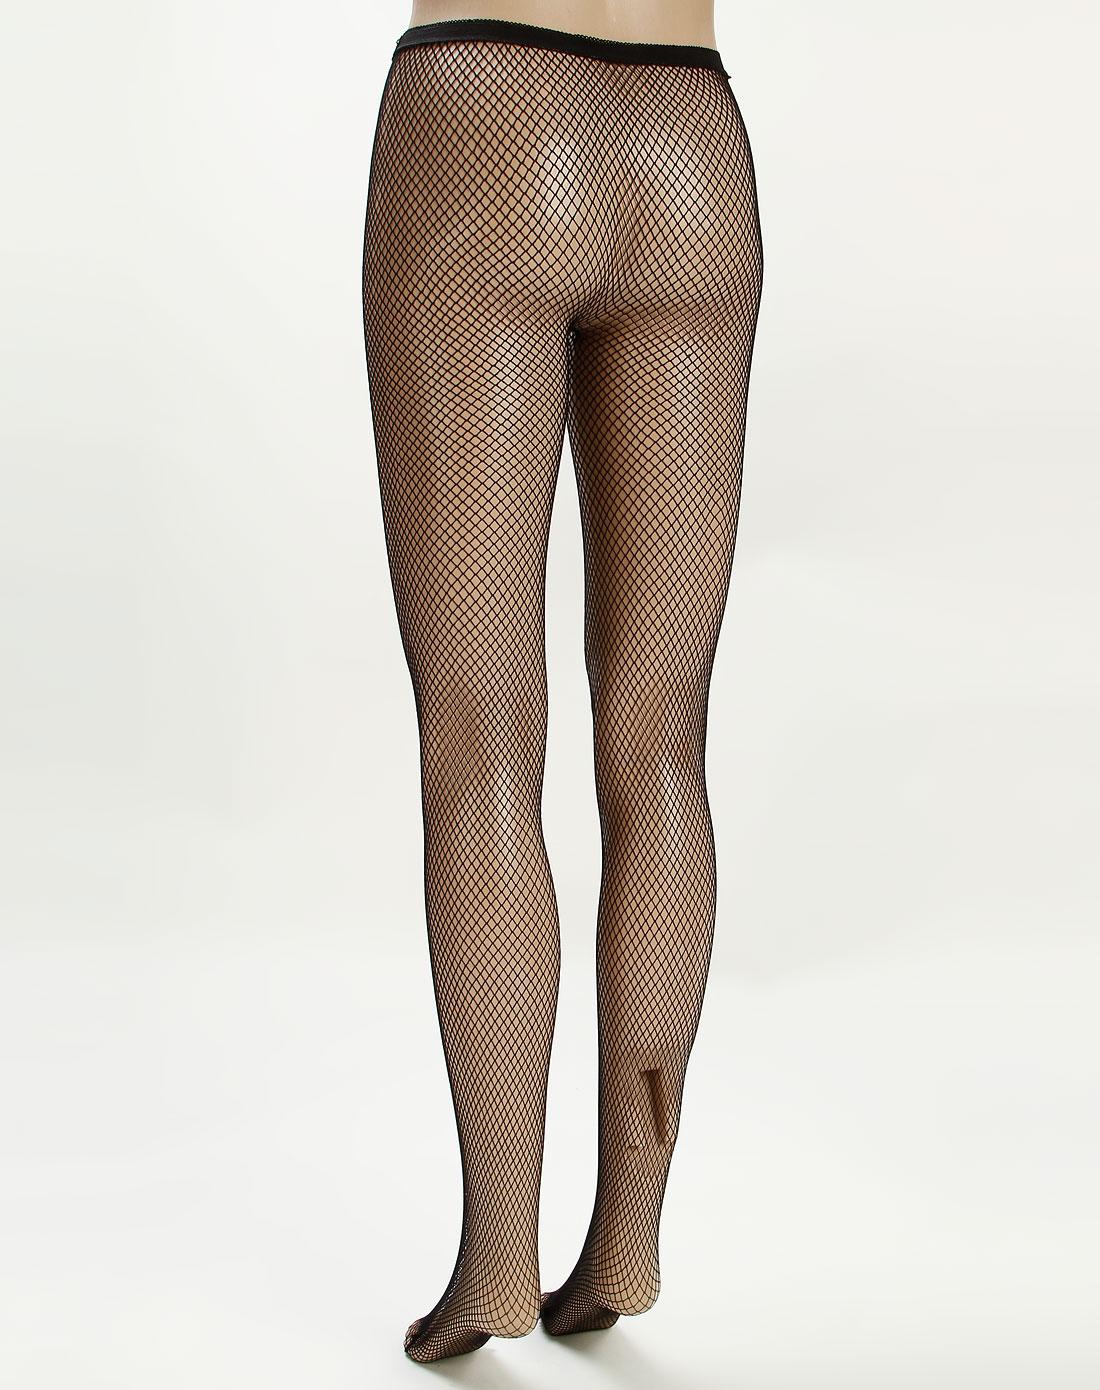 寓美女款黑色魅力提花网眼纹连裤袜5双装3521020